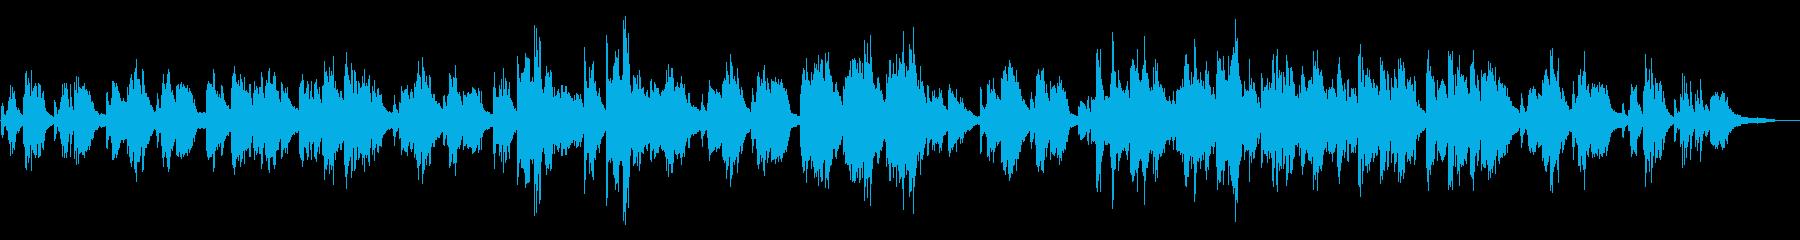 郷愁を誘うゆったりとした和風のピアノ曲の再生済みの波形